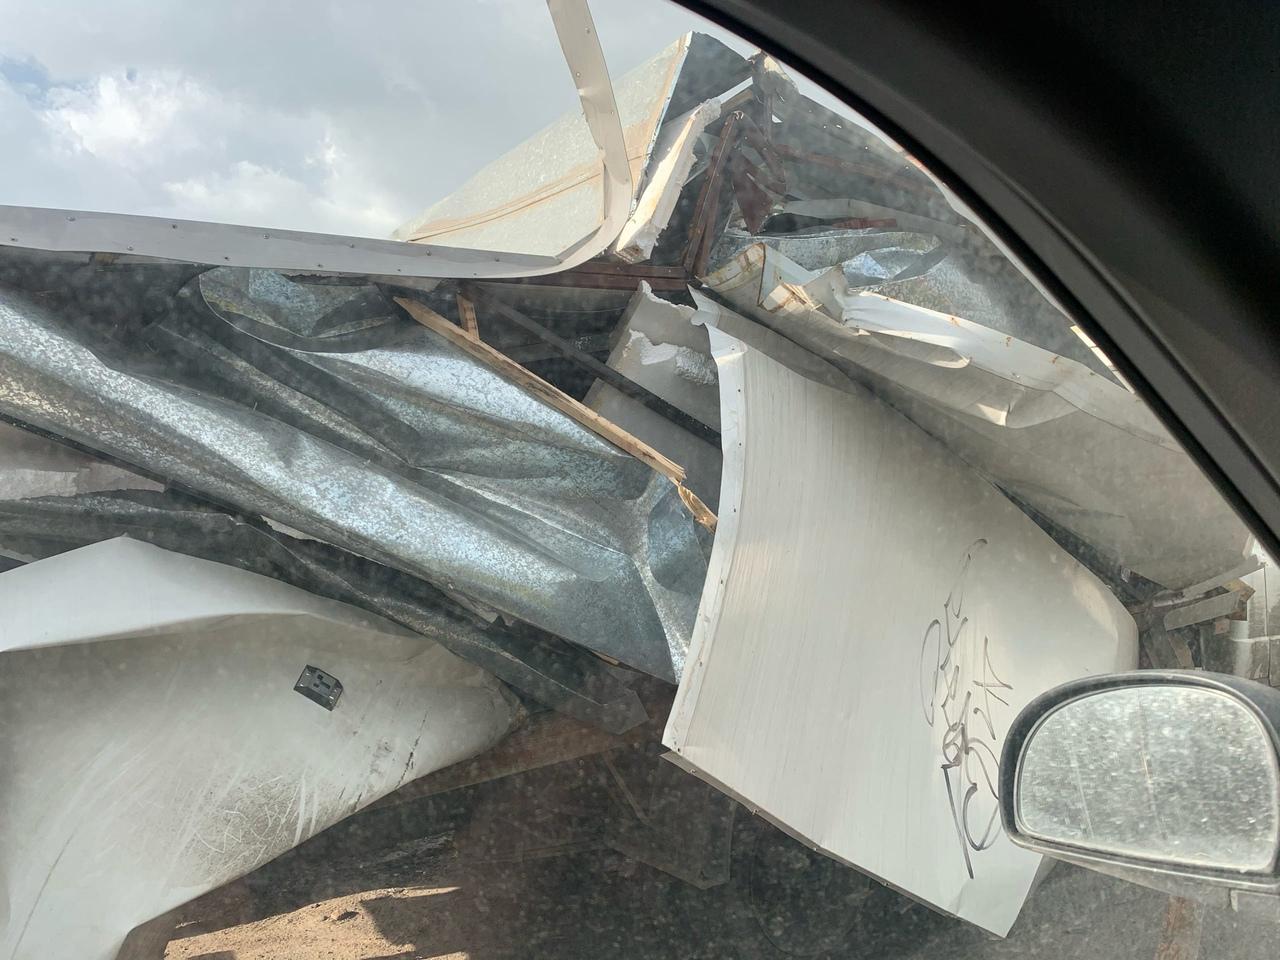 Газель не пролезла под сортировочными мостами на Южном шоссе. Все разворачиваются под кирпич и выезж...